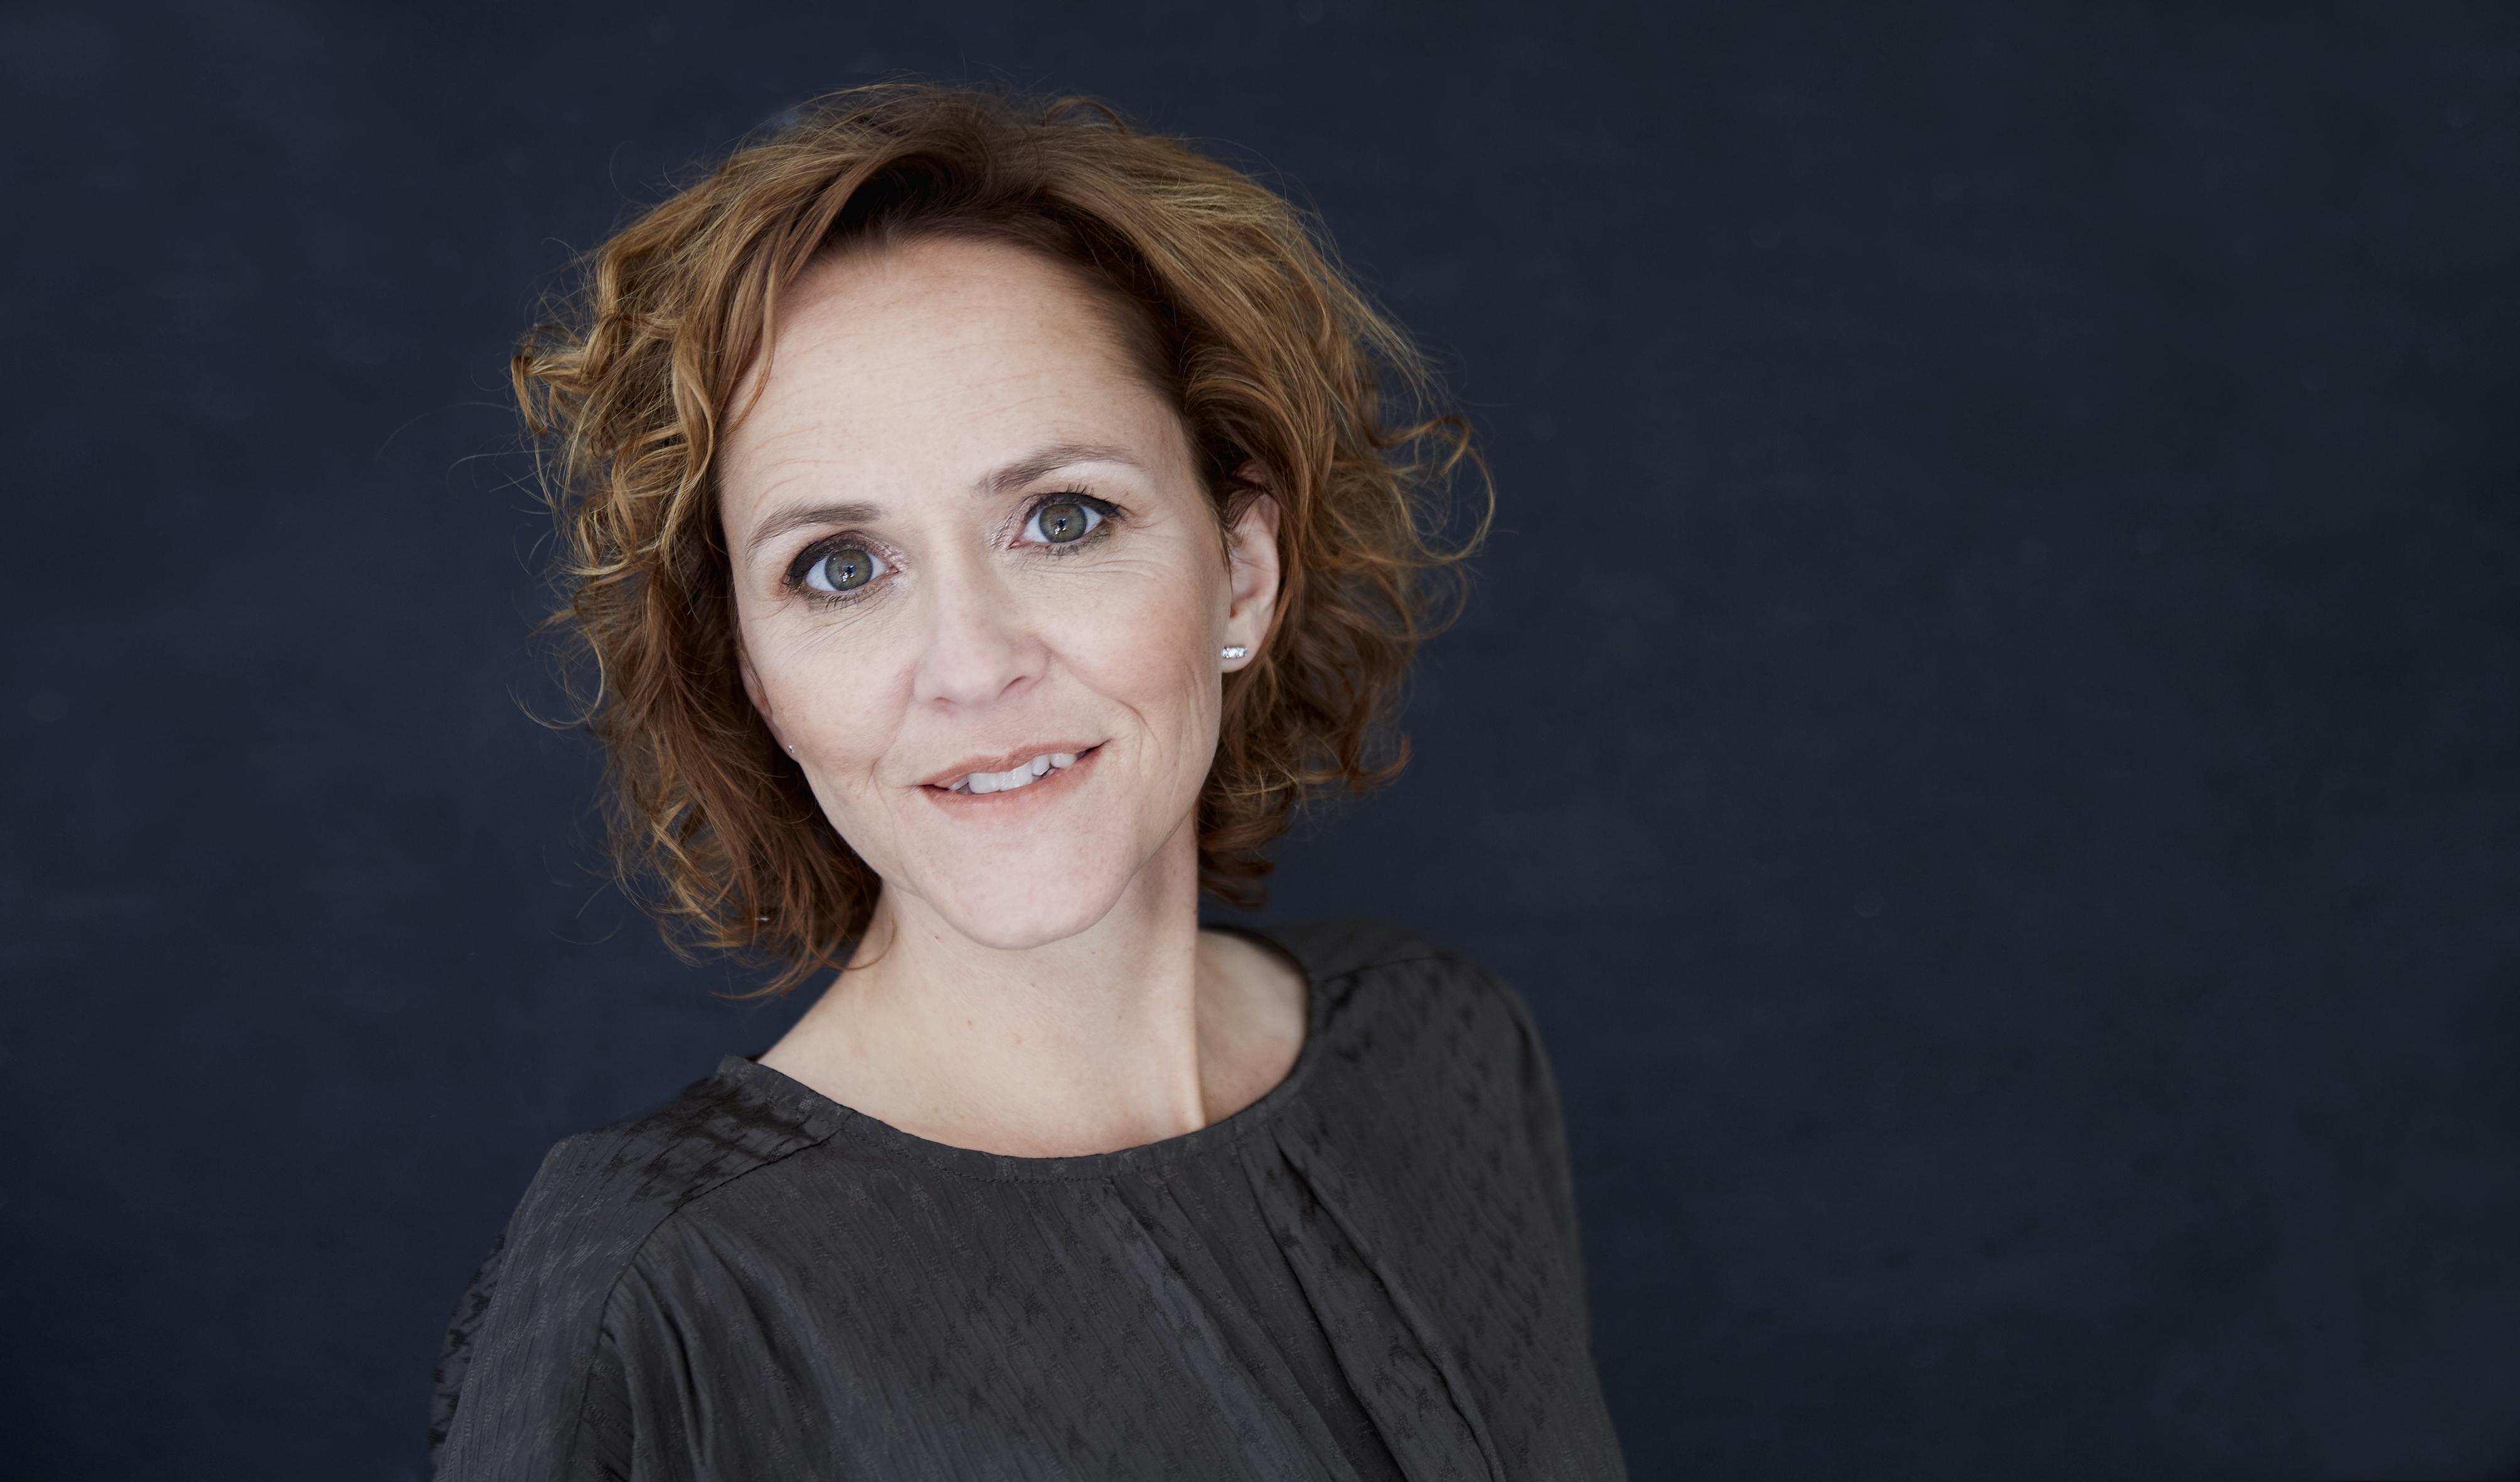 Fotograf Camillahey.dk